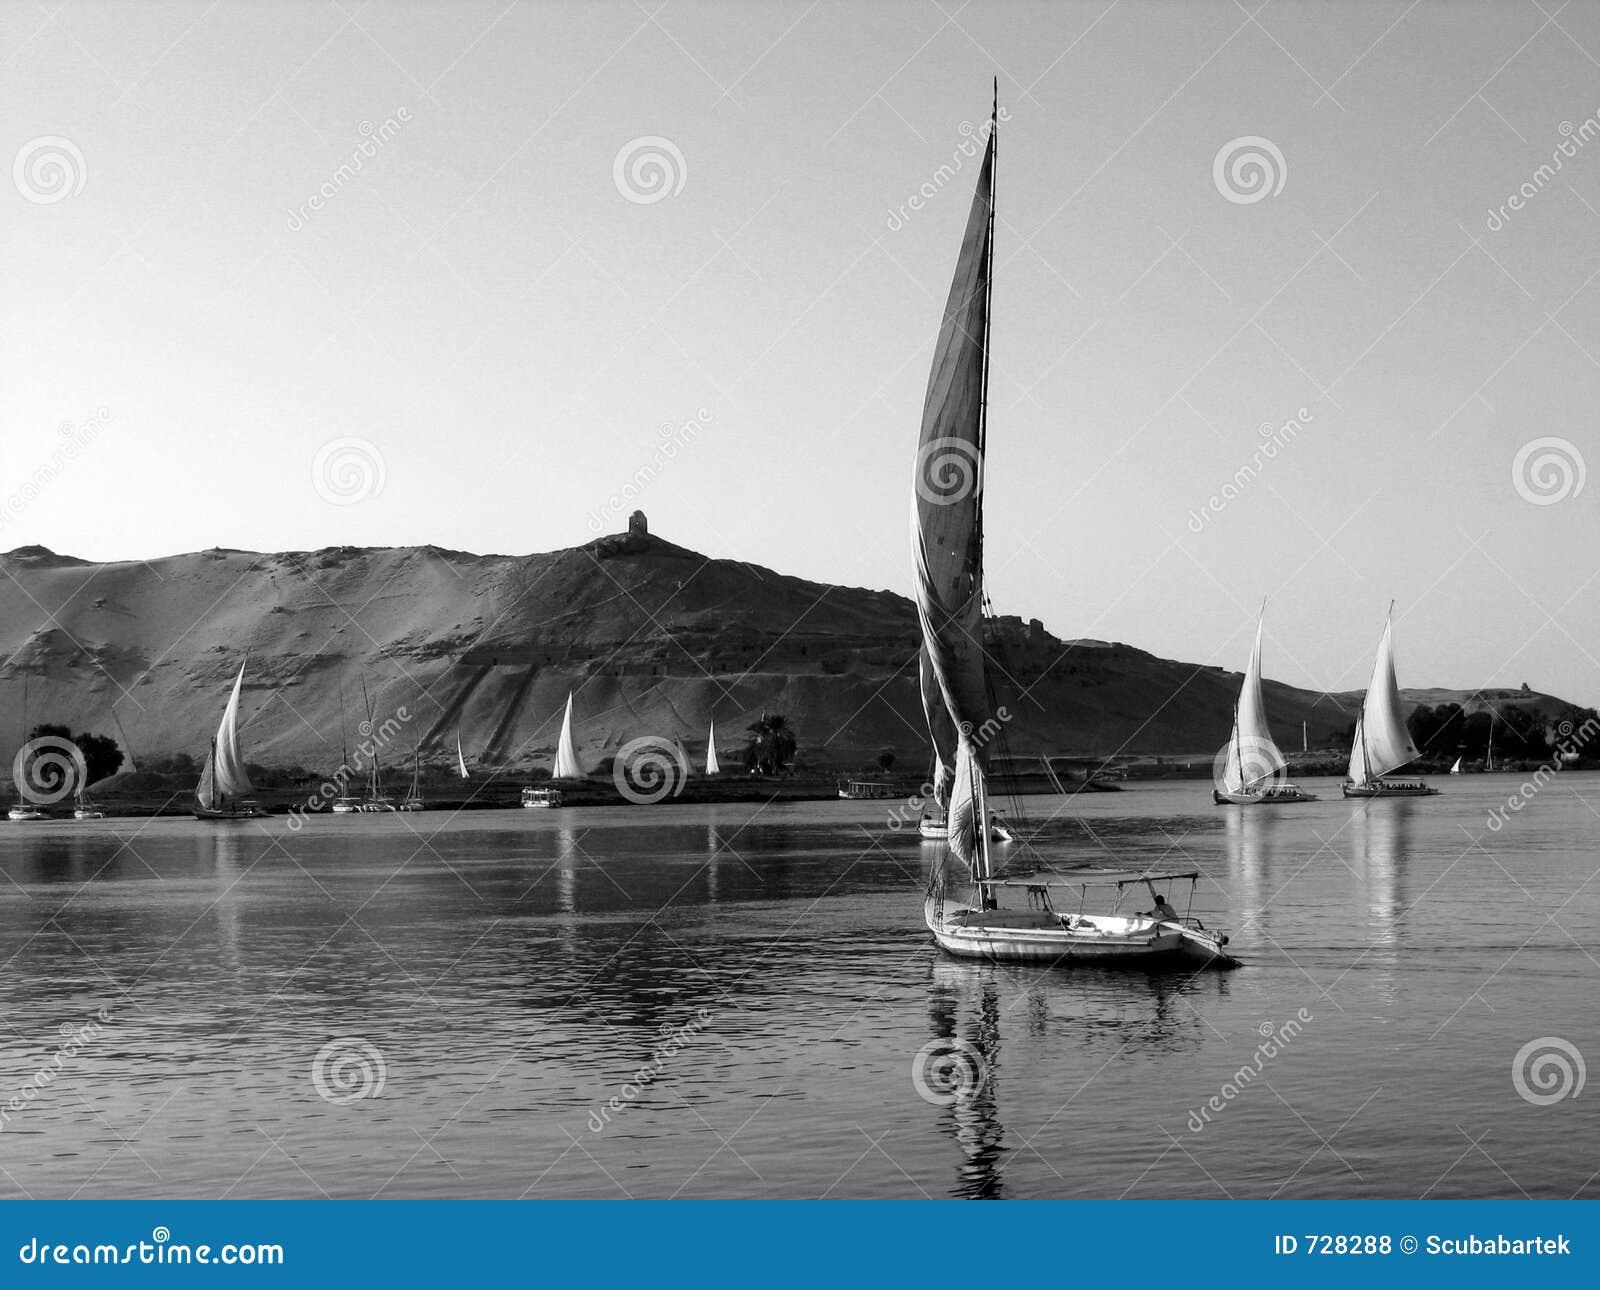 Felukahs sur le Nil dans B/W